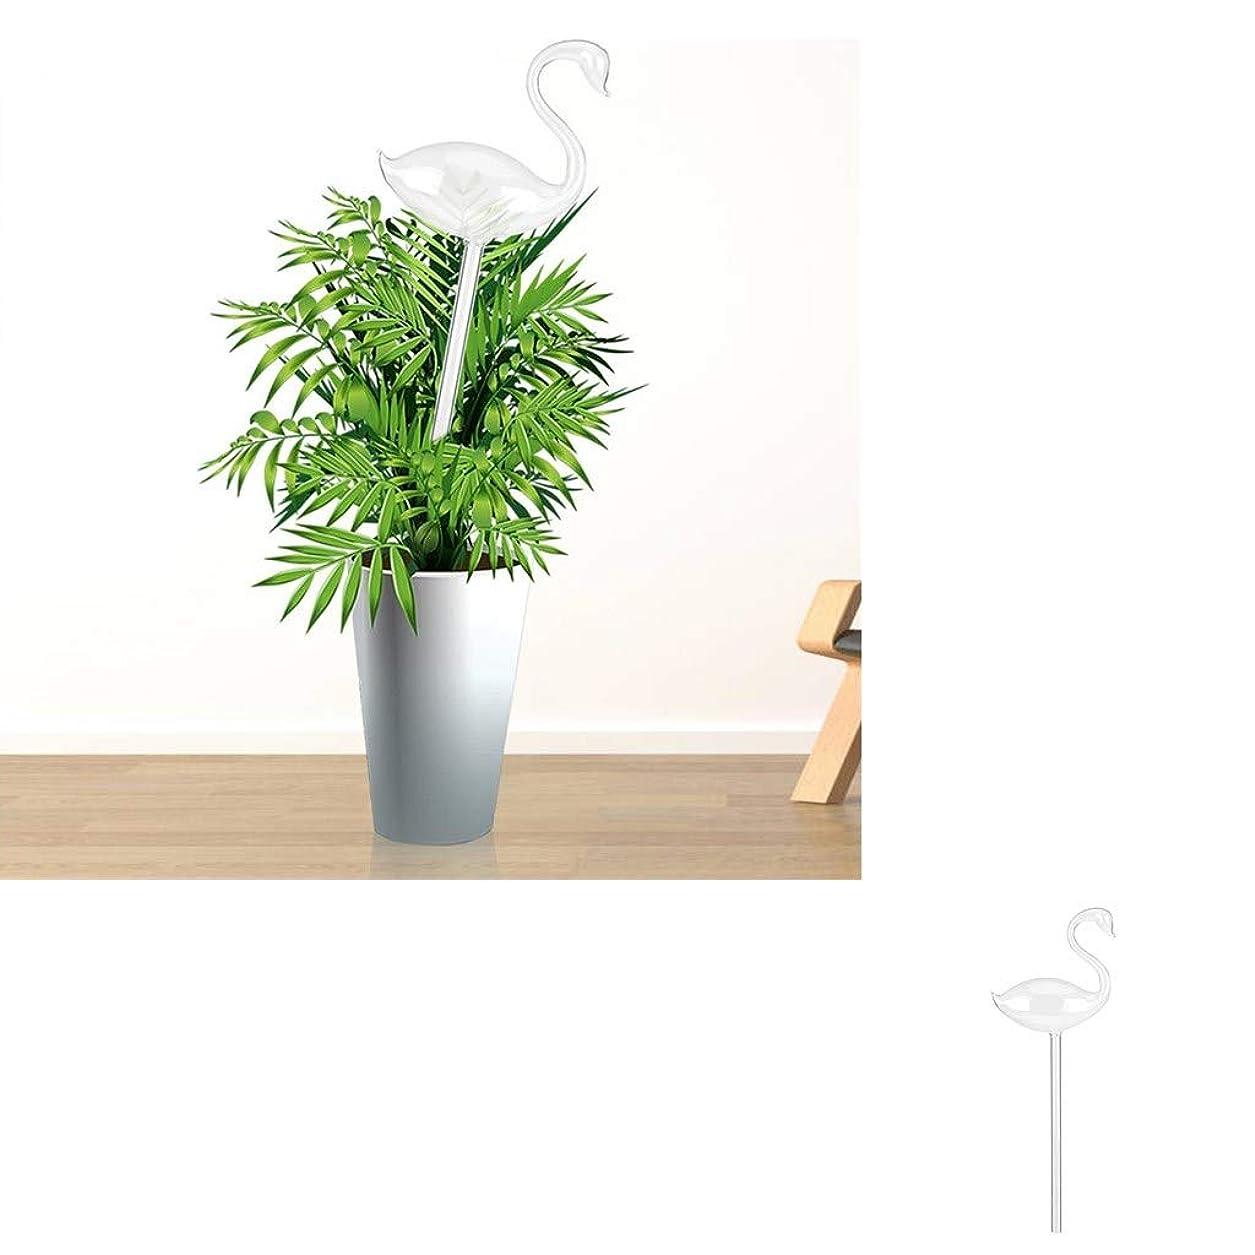 ジョージハンブリージョージハンブリーくちばしガラスの散水用グローブを手で吹いて、植物、屋内屋外装飾ガーデン灌漑システム、クリスマスプレゼントに適した小さな植物の散水用電球を設計します (白鳥の形)